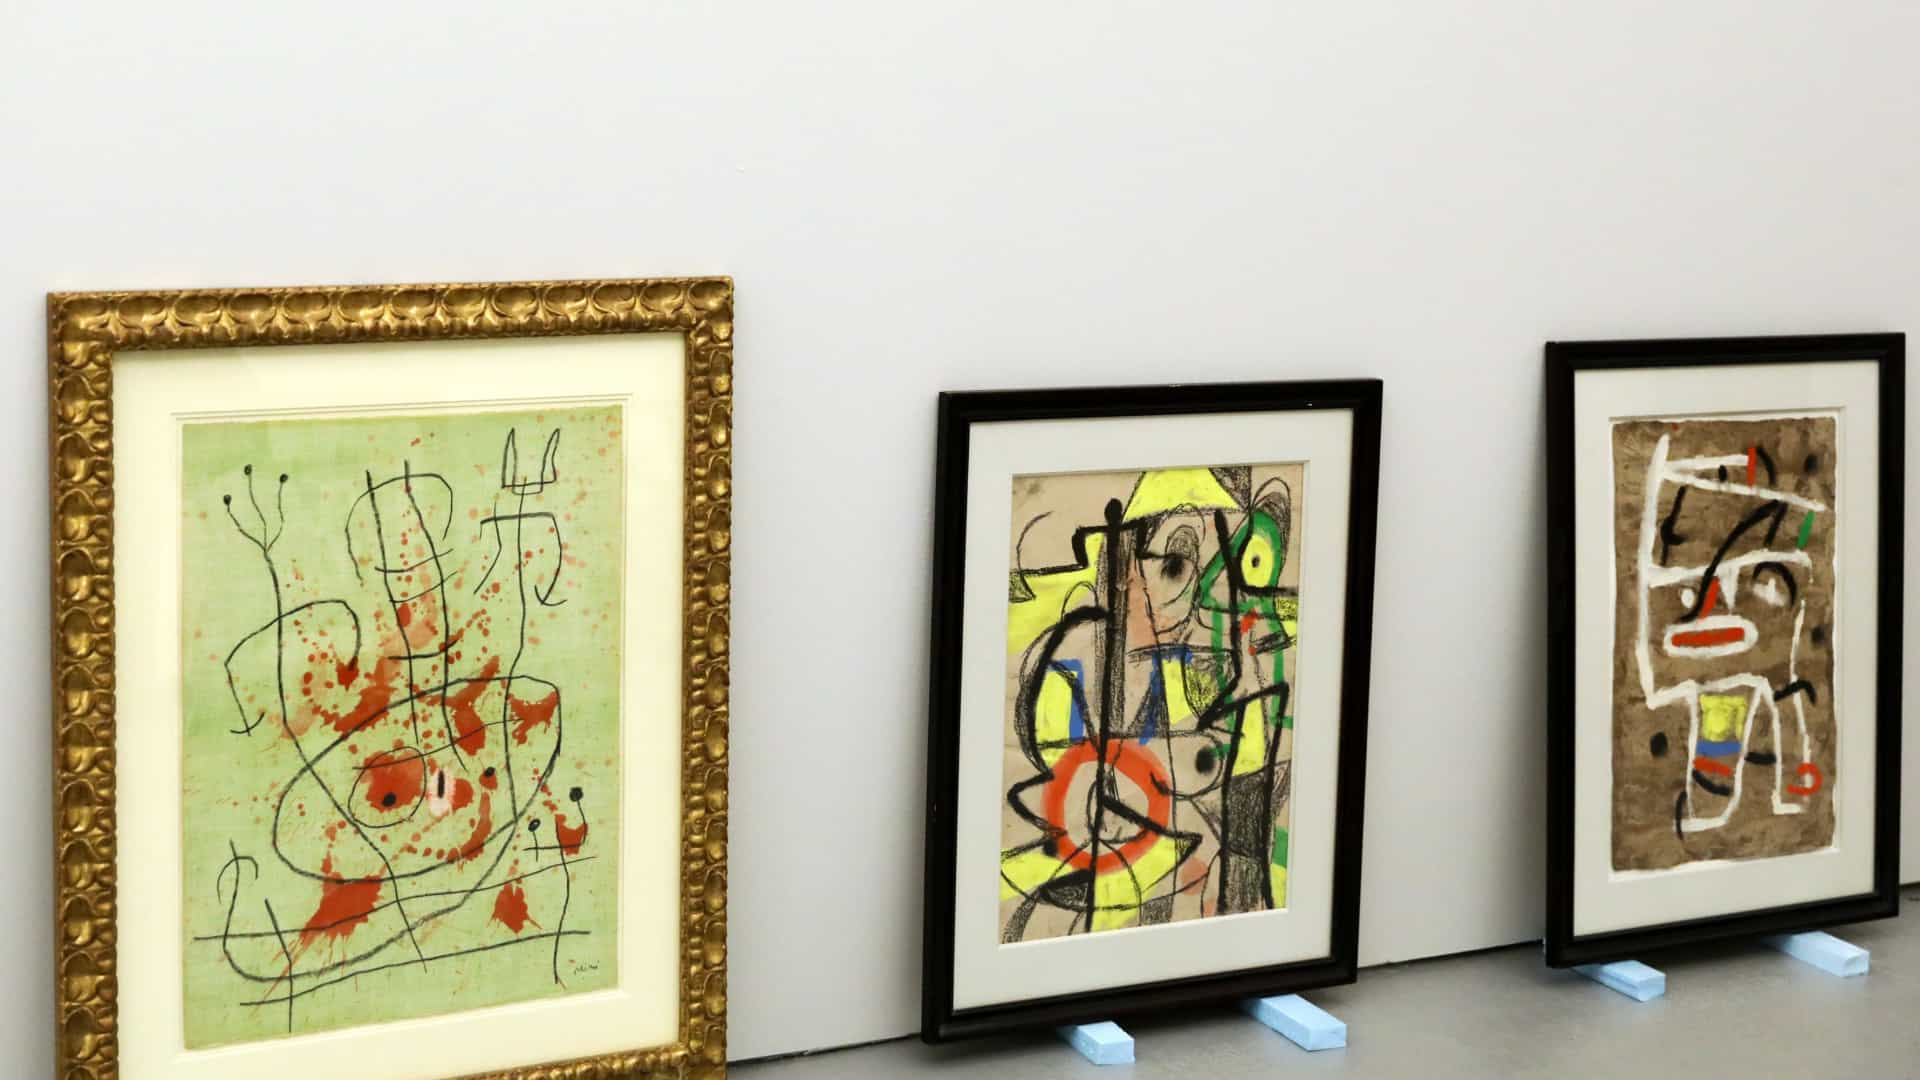 DGPC paga 70 mil euros a Serralves pela exposição dos Miró na Ajuda